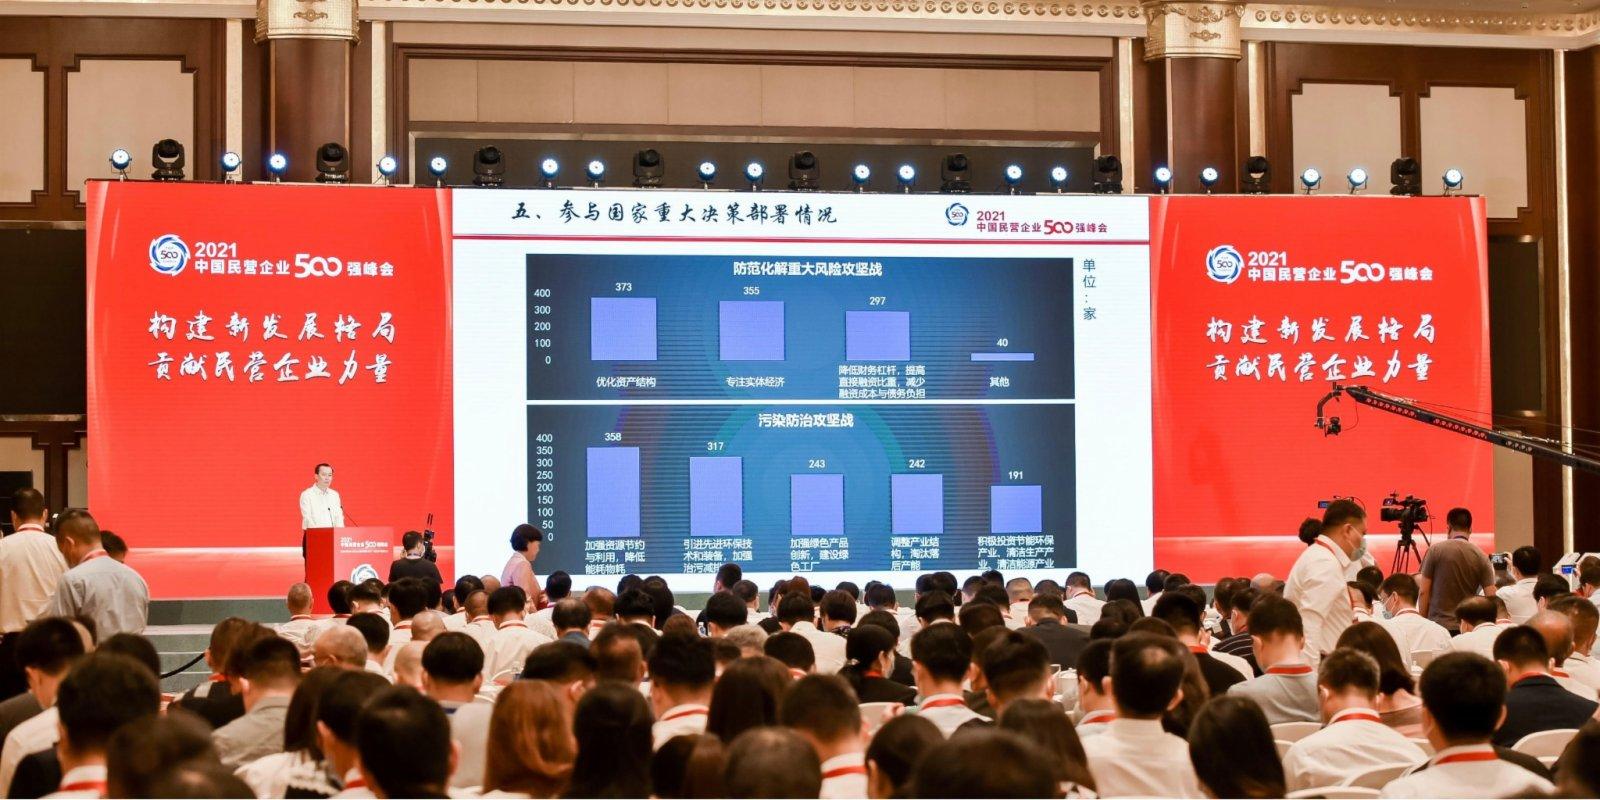 2021中國民企500強發布 華為連續六年居榜首